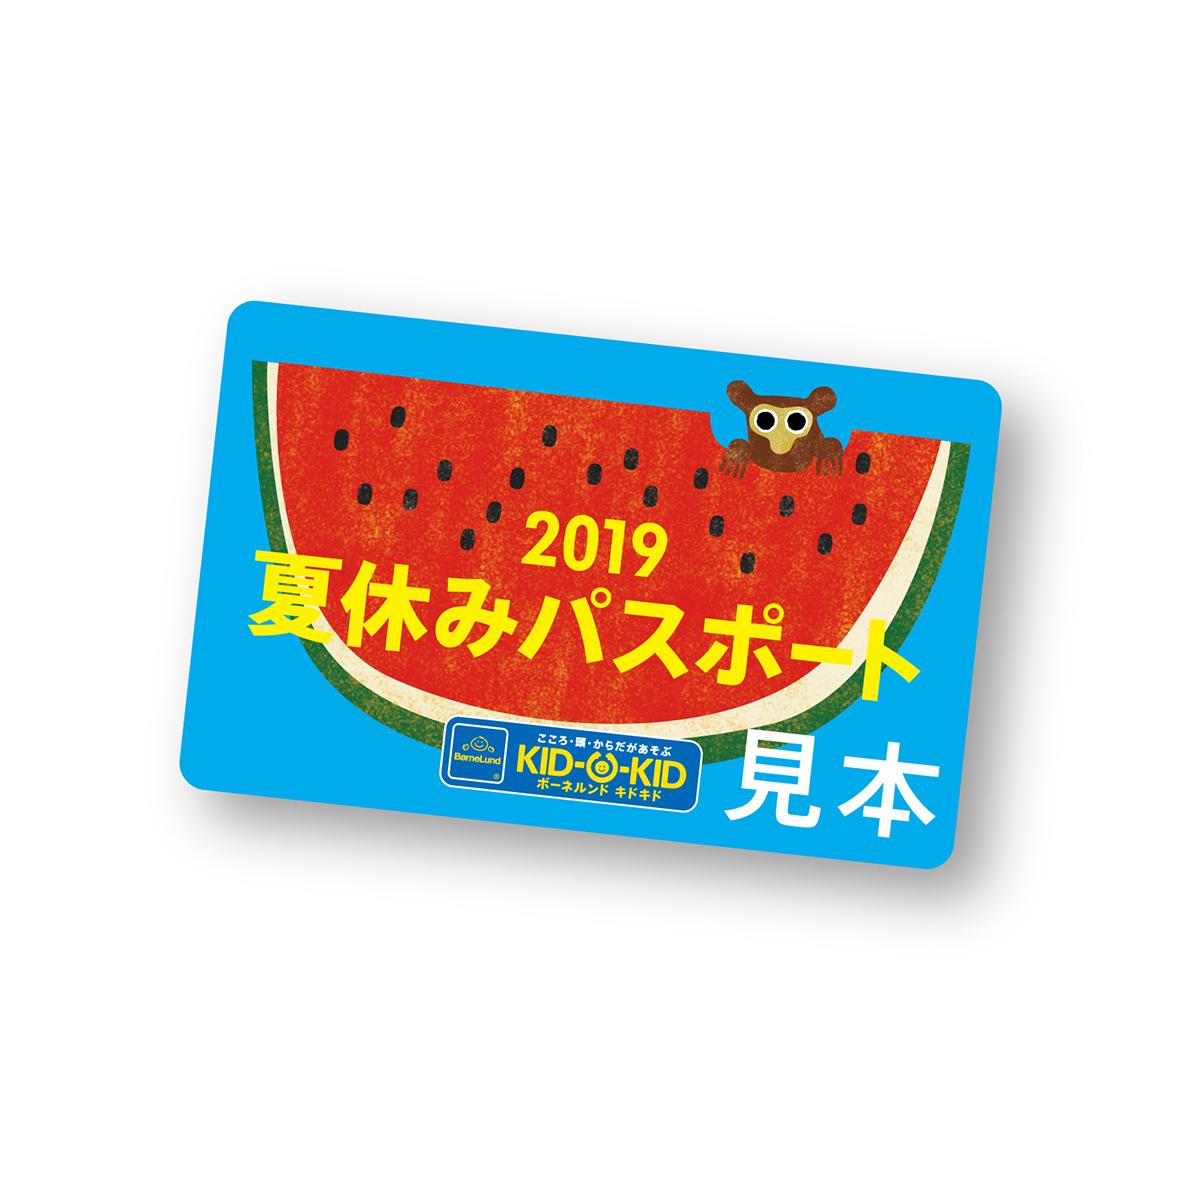 7/2より店頭発売!2019年キドキド夏休みパスポート